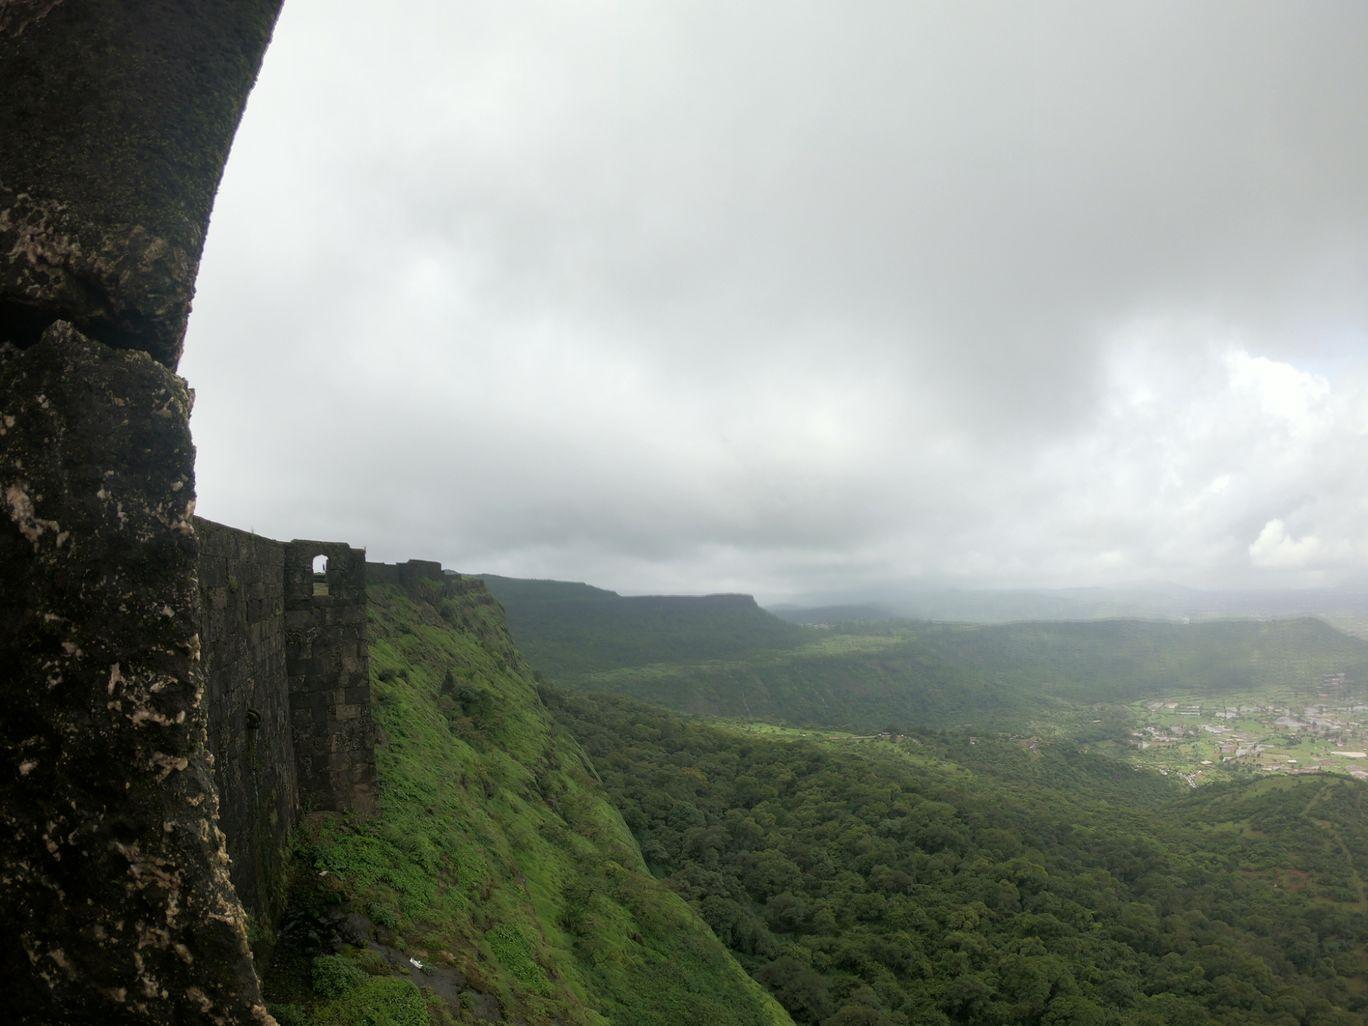 Photo of Visapur Fort By Shalini Sharma